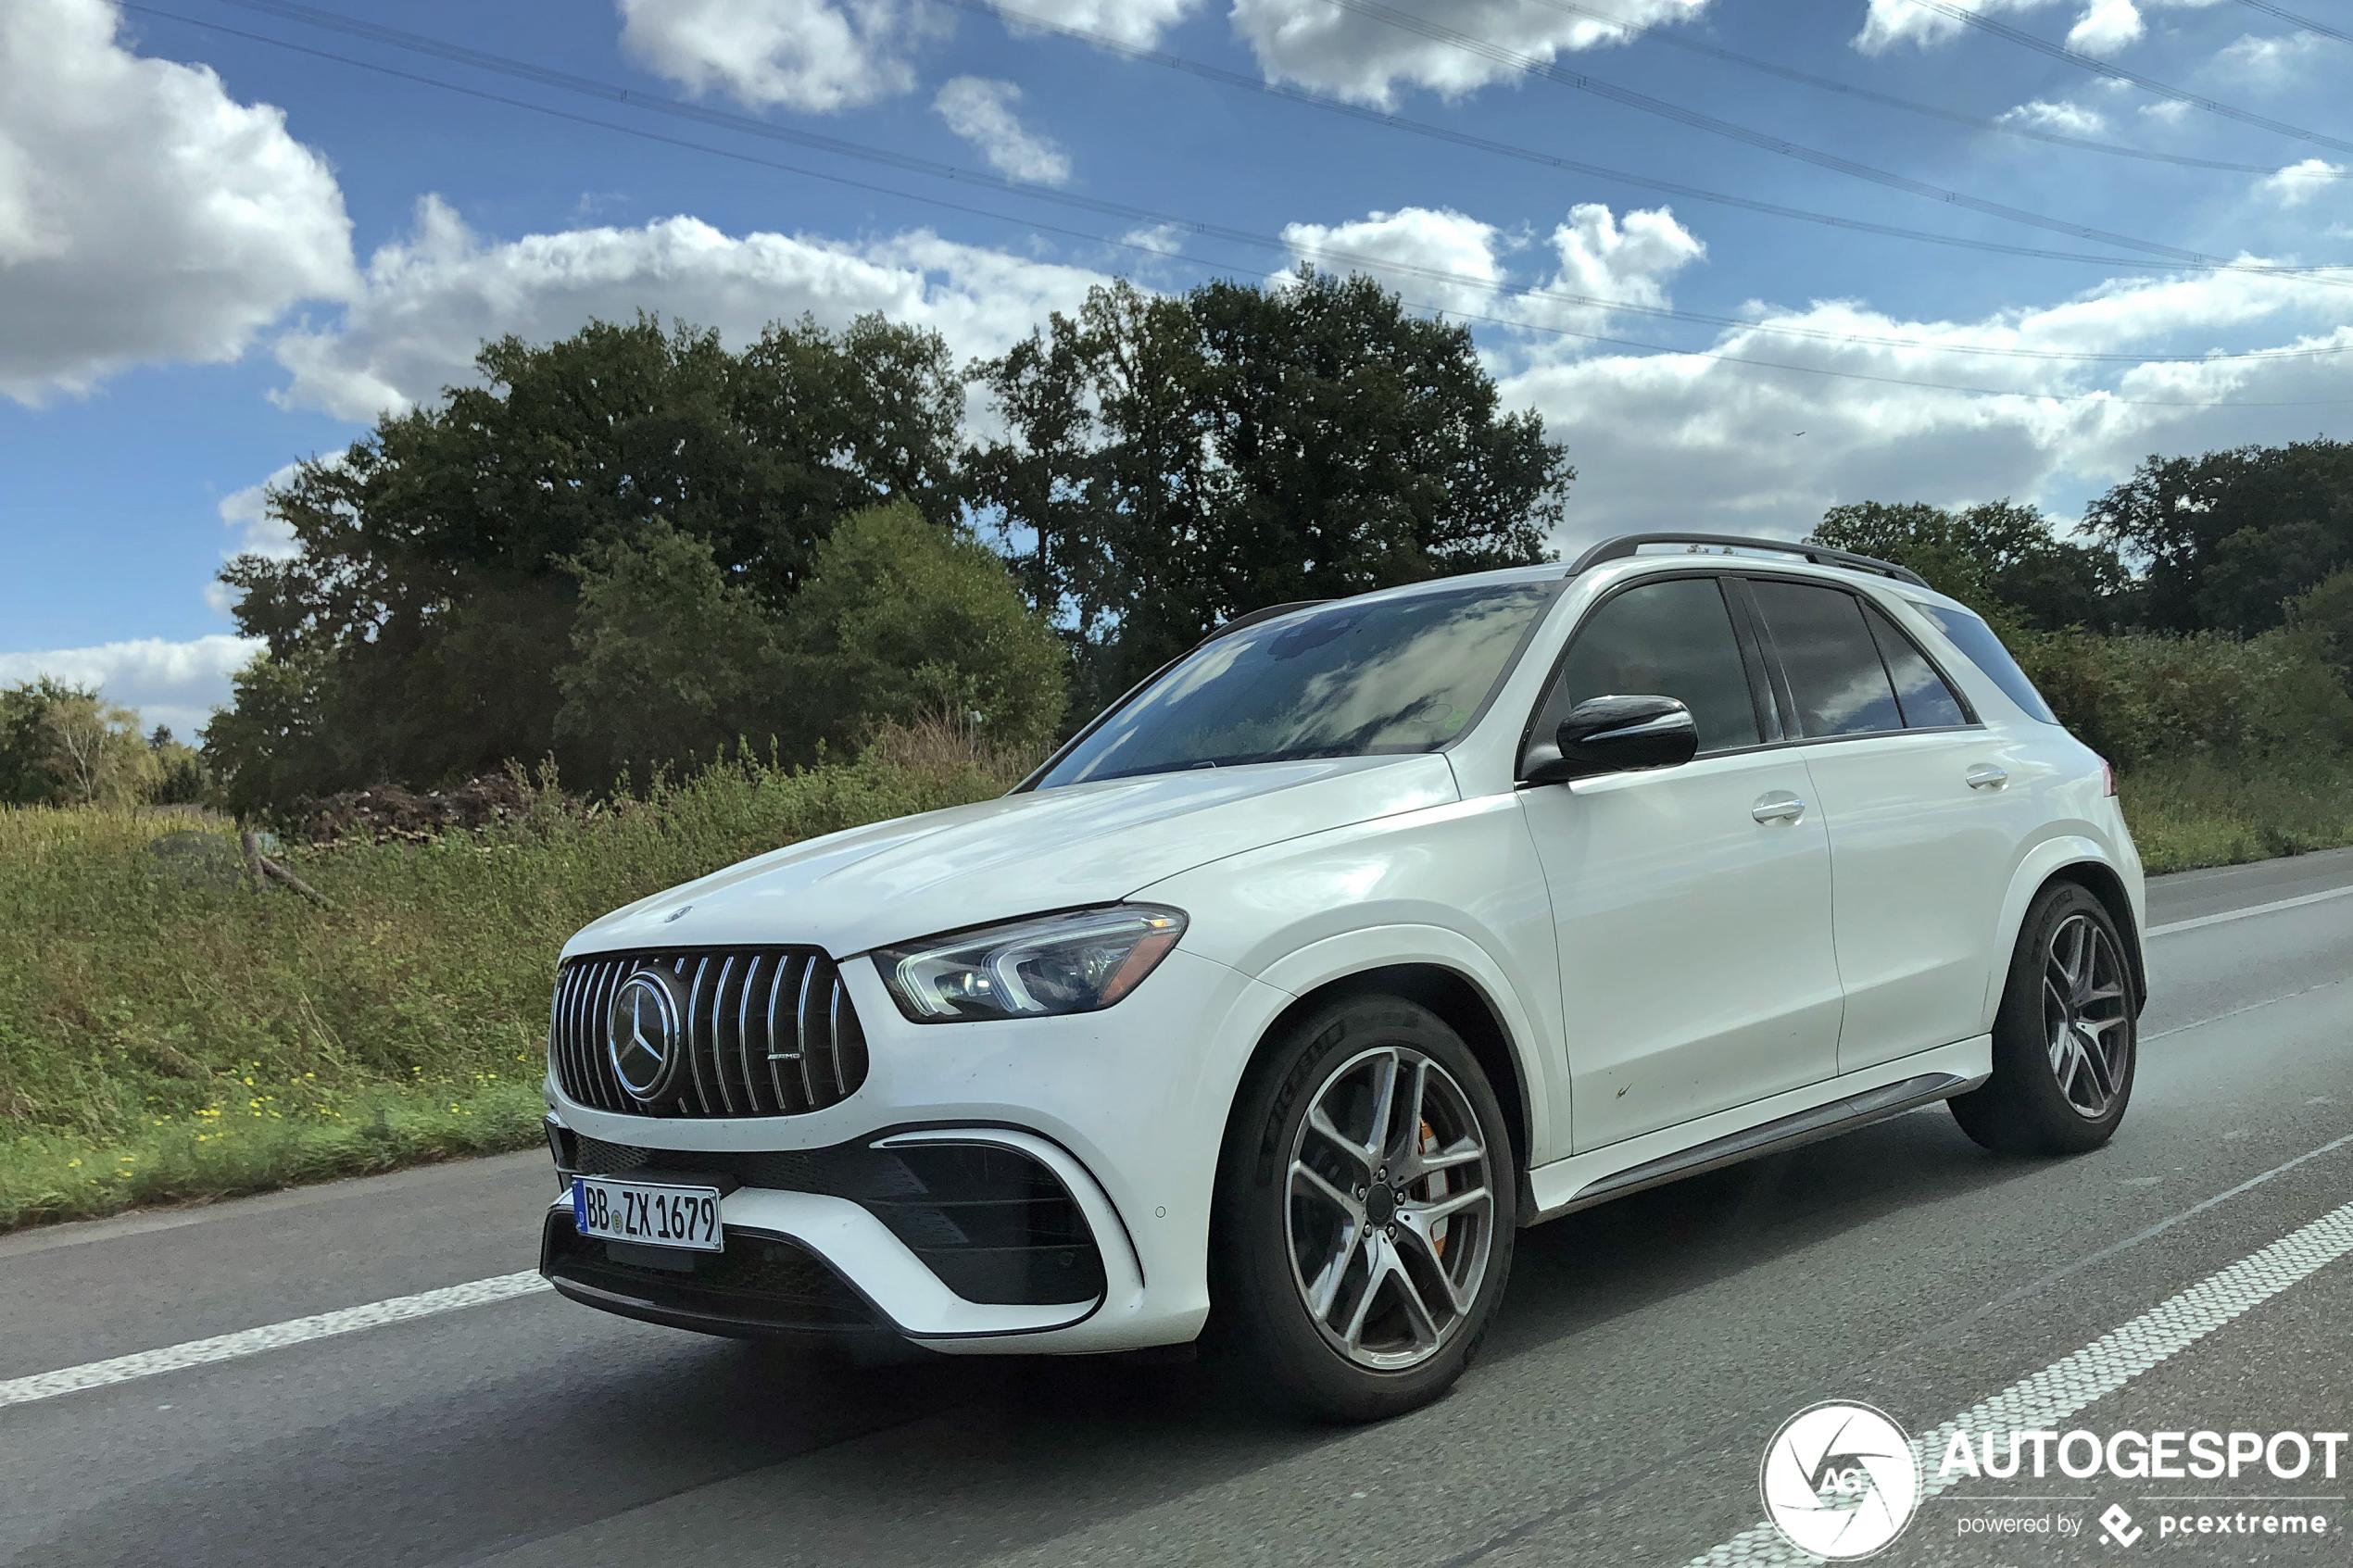 Mercedes-AMG GLE 63 W167